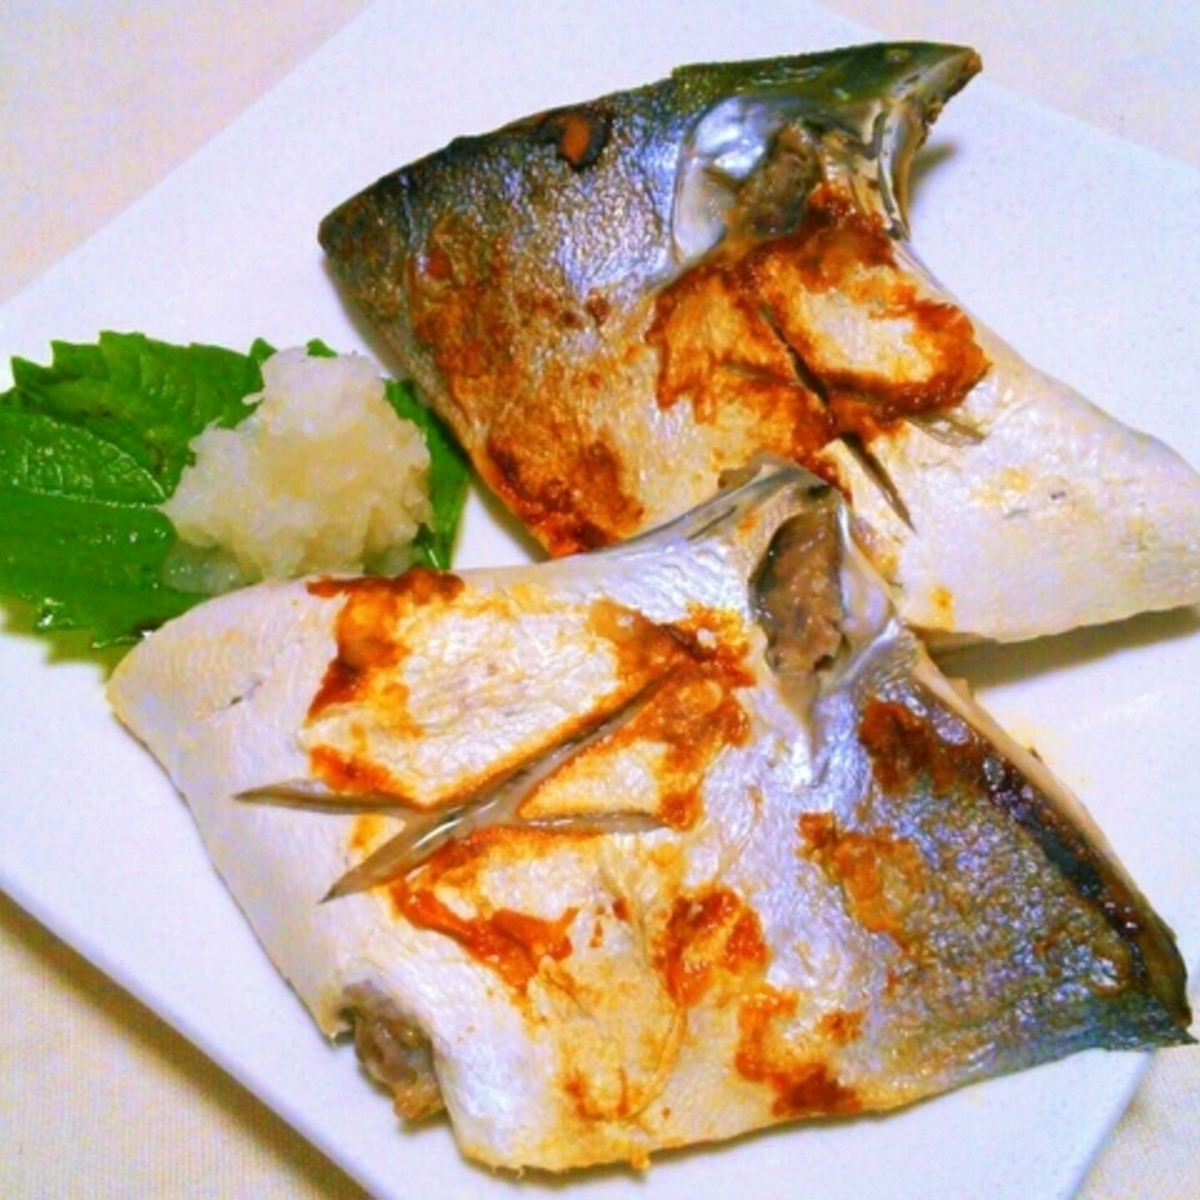 フライパンで簡単ぶりかま塩焼き レシピ 作り方 By Kuuuma 楽天レシピ